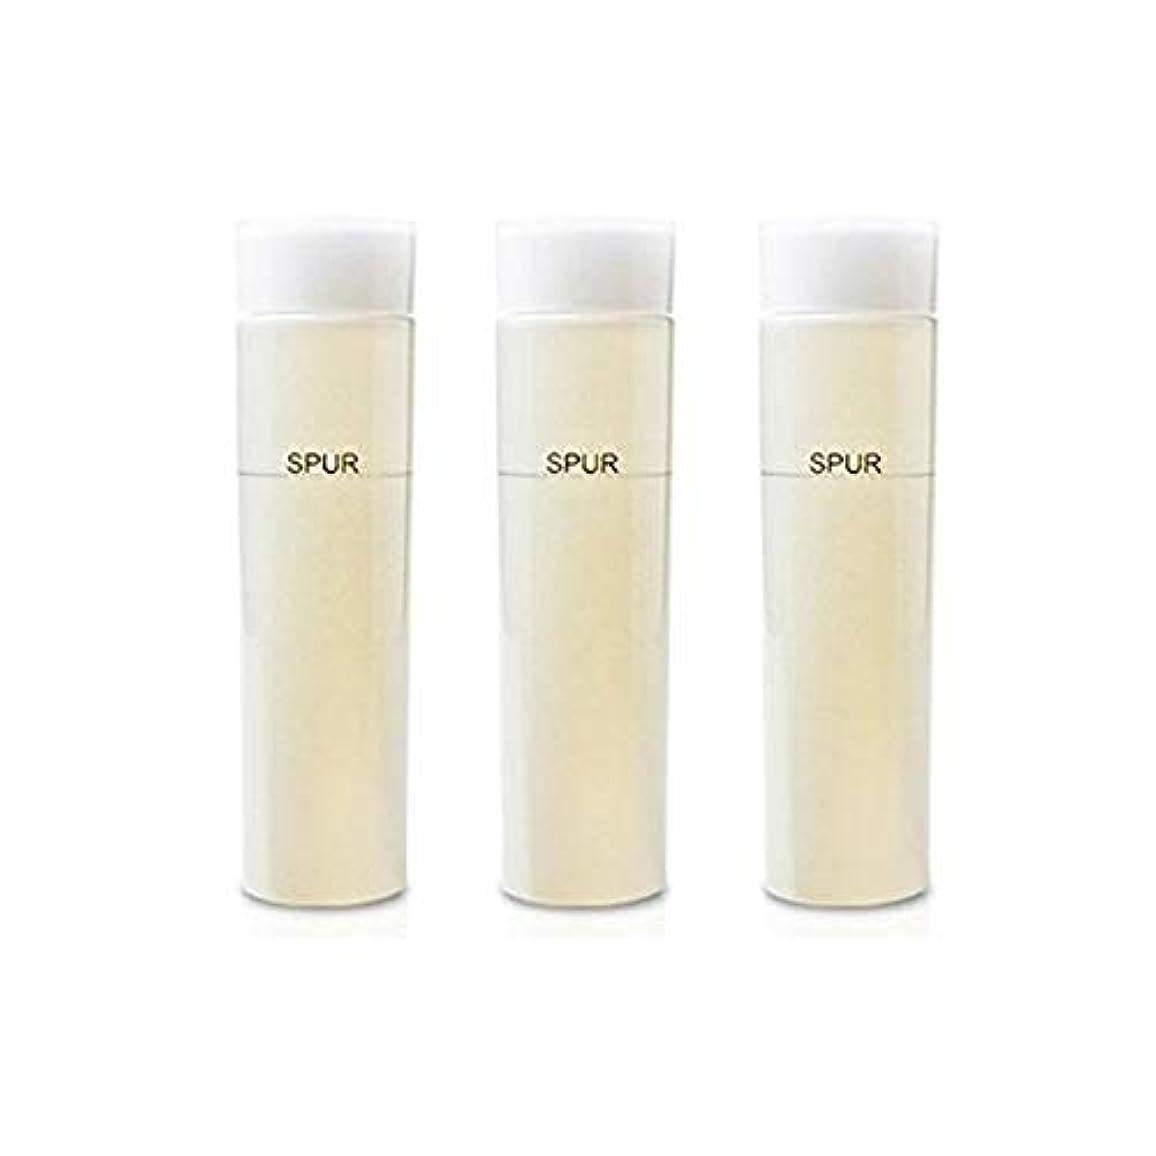 ハーブ研究所 山澤清 無添加クレンジングオイル(ふき取りタイプ)3本セット(180ml×3本) 無添加ふき取りクレンジング